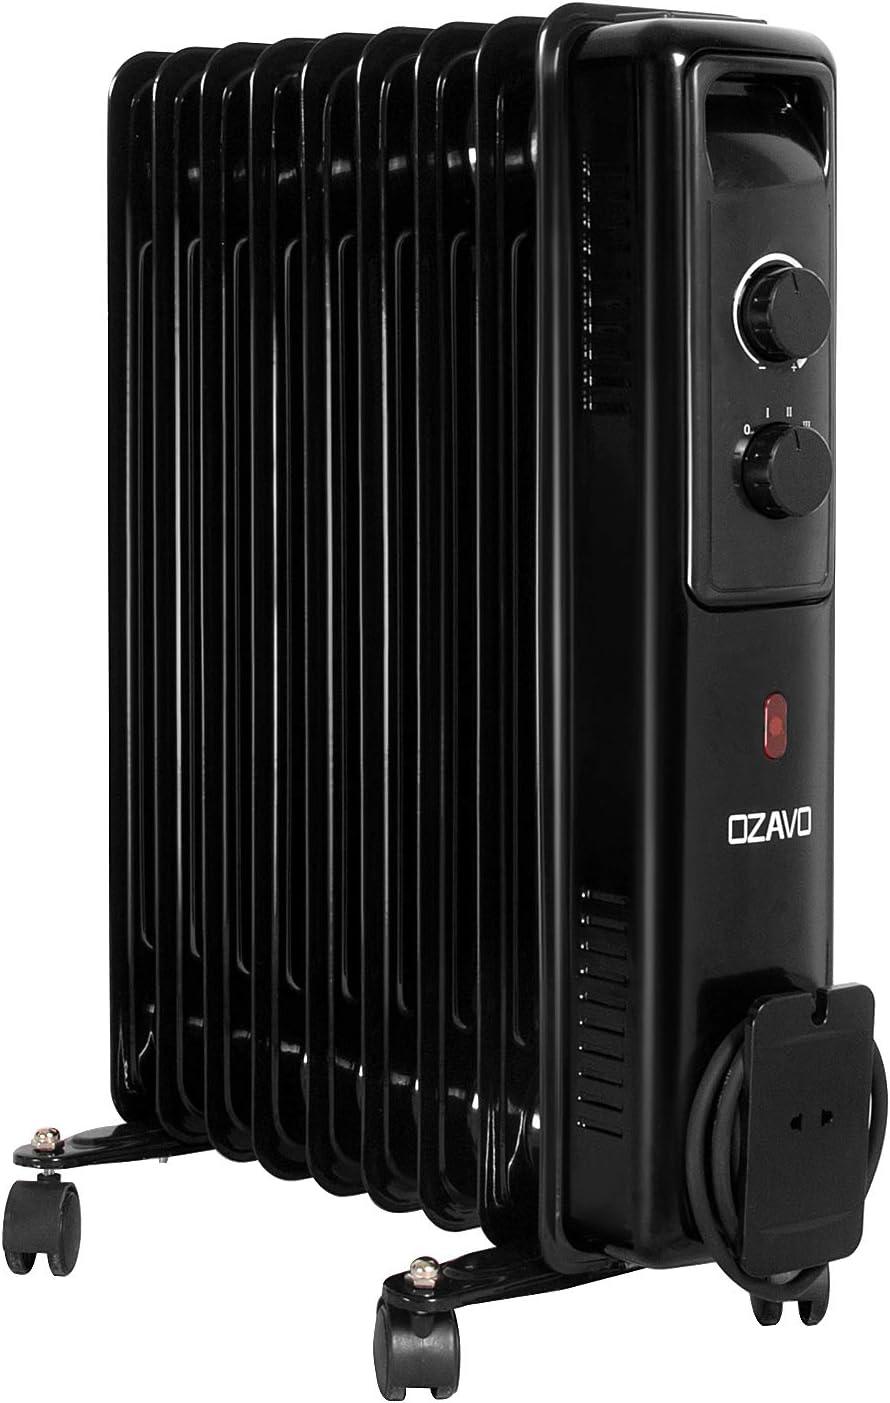 OZAVO Radiador de Aceite 9 Elementos 2000W,3 Niveles de Potencia,Control de Temperatura con termostato mecánico,Sistema Antivuelco